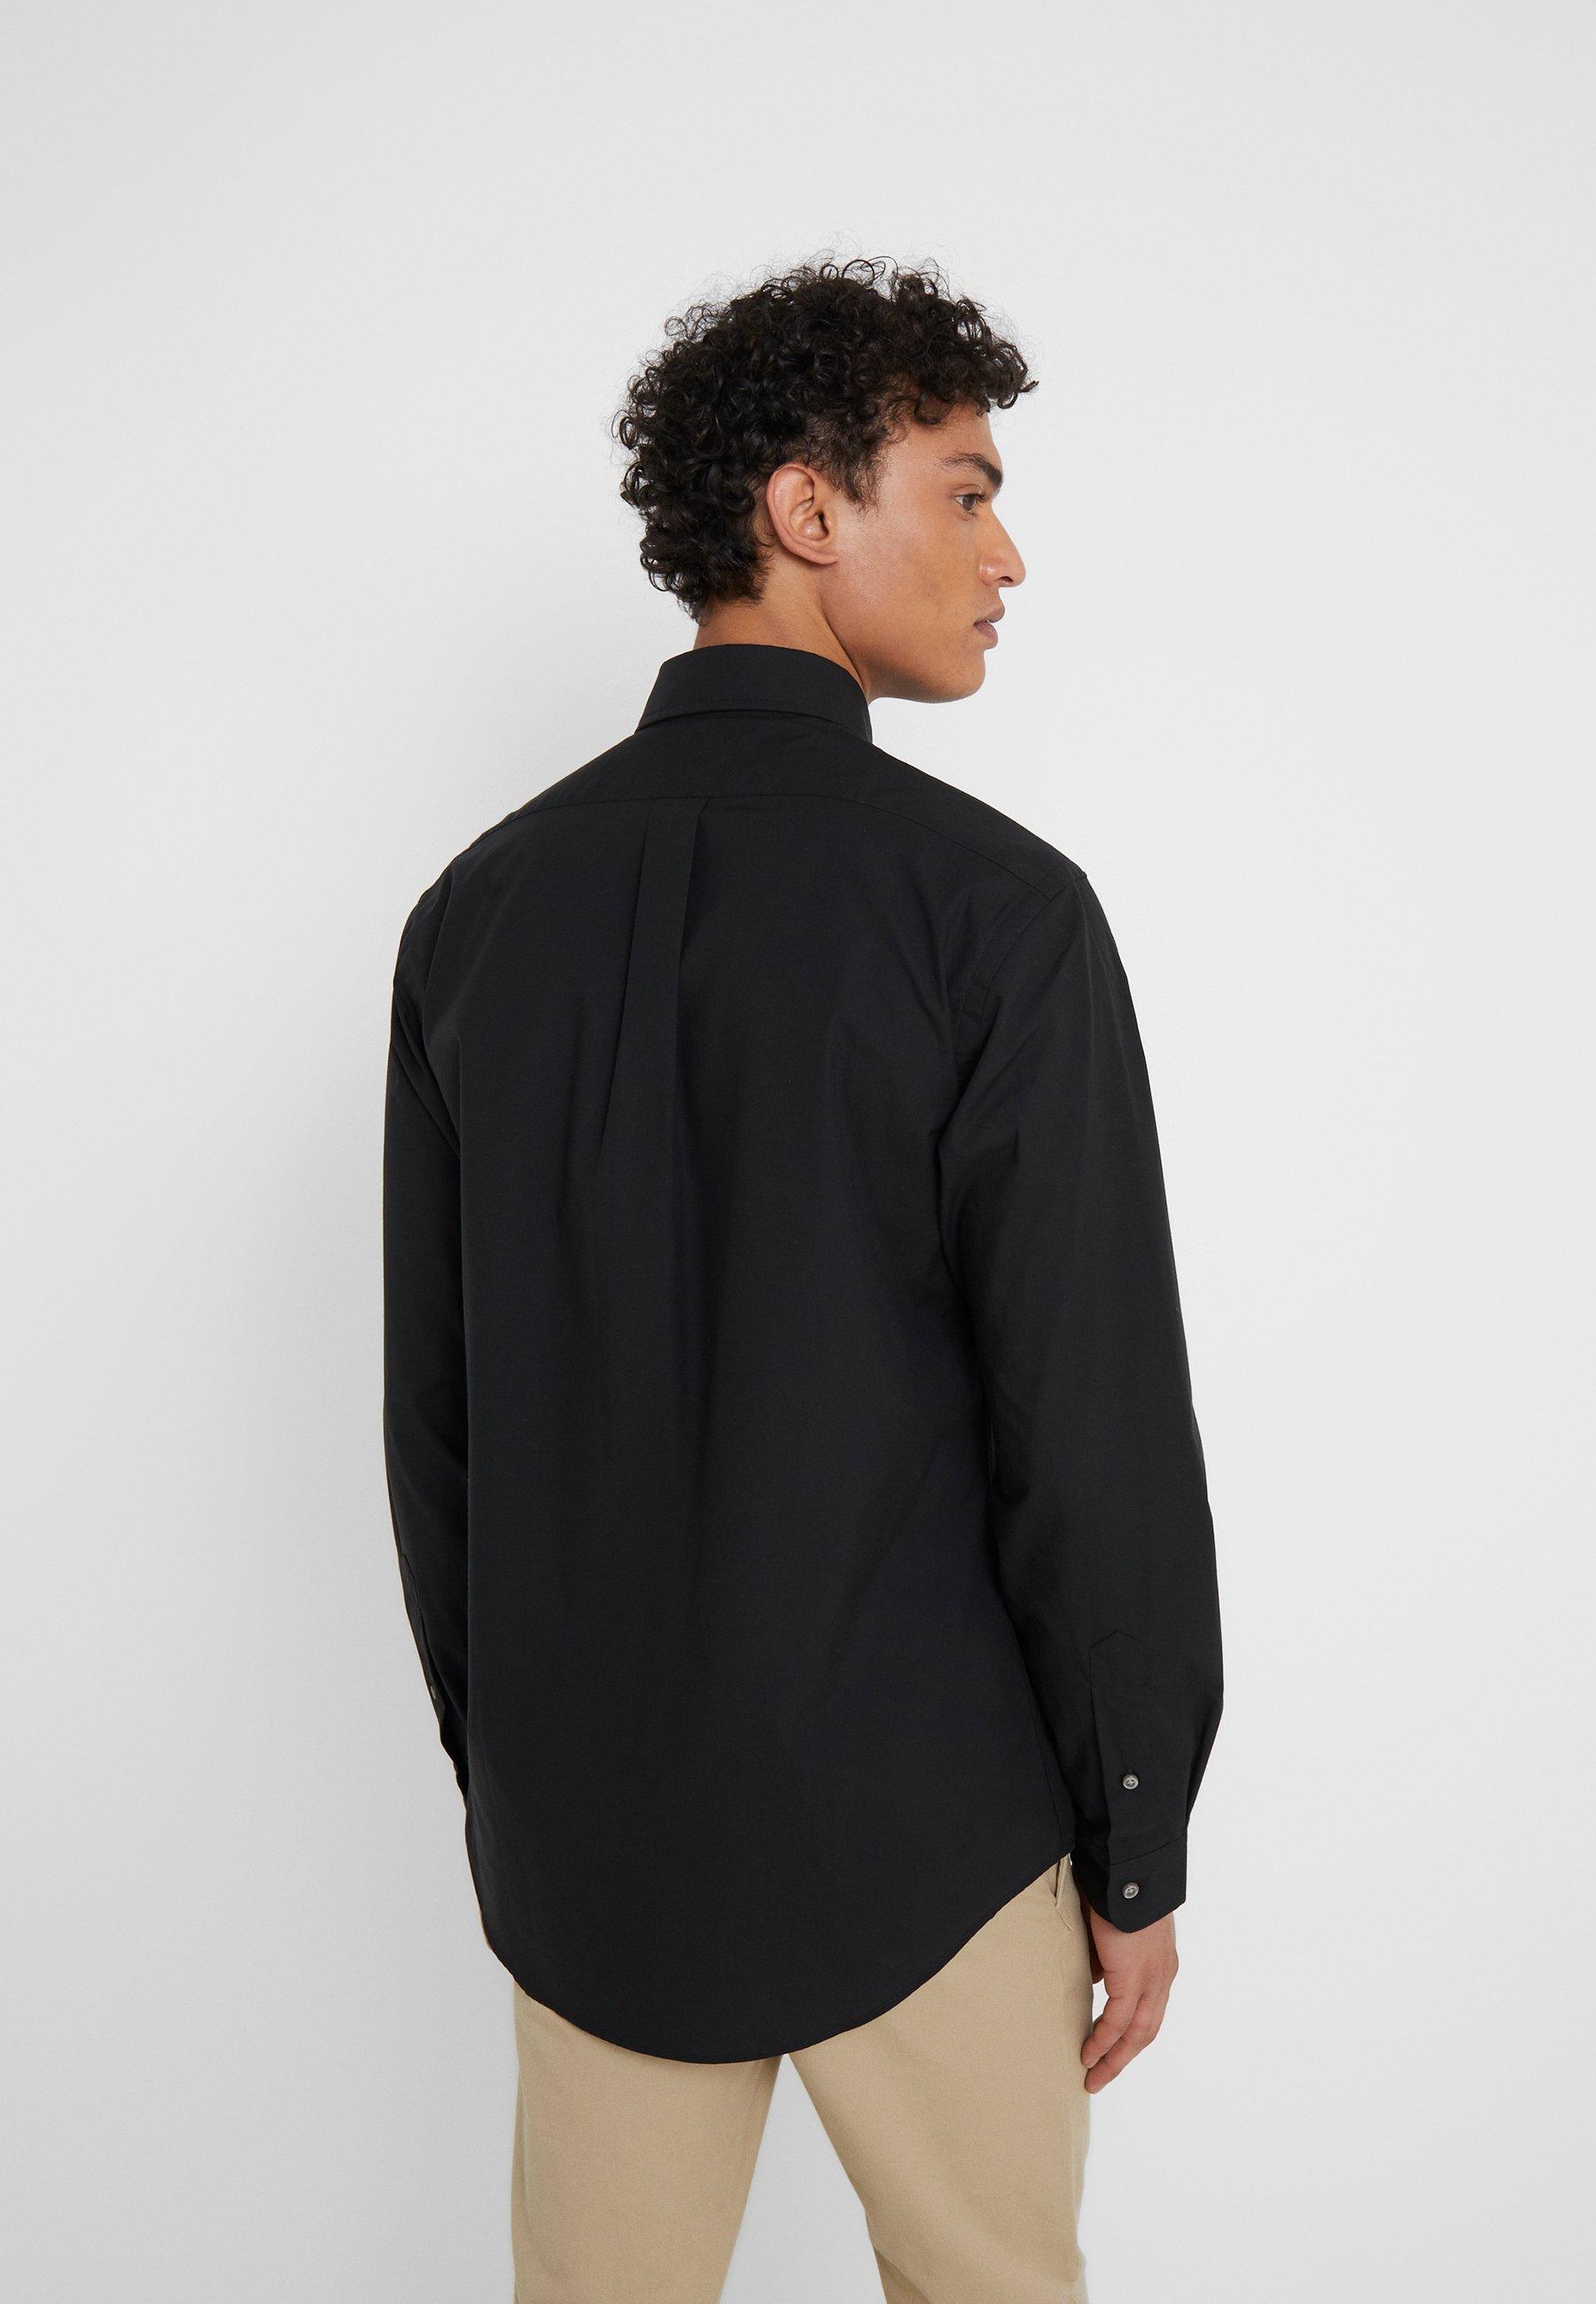 100% authentique Meilleurs prix Polo Ralph Lauren CUSTOM FIT - Chemise - black - ZALANDO.FR e86lZ